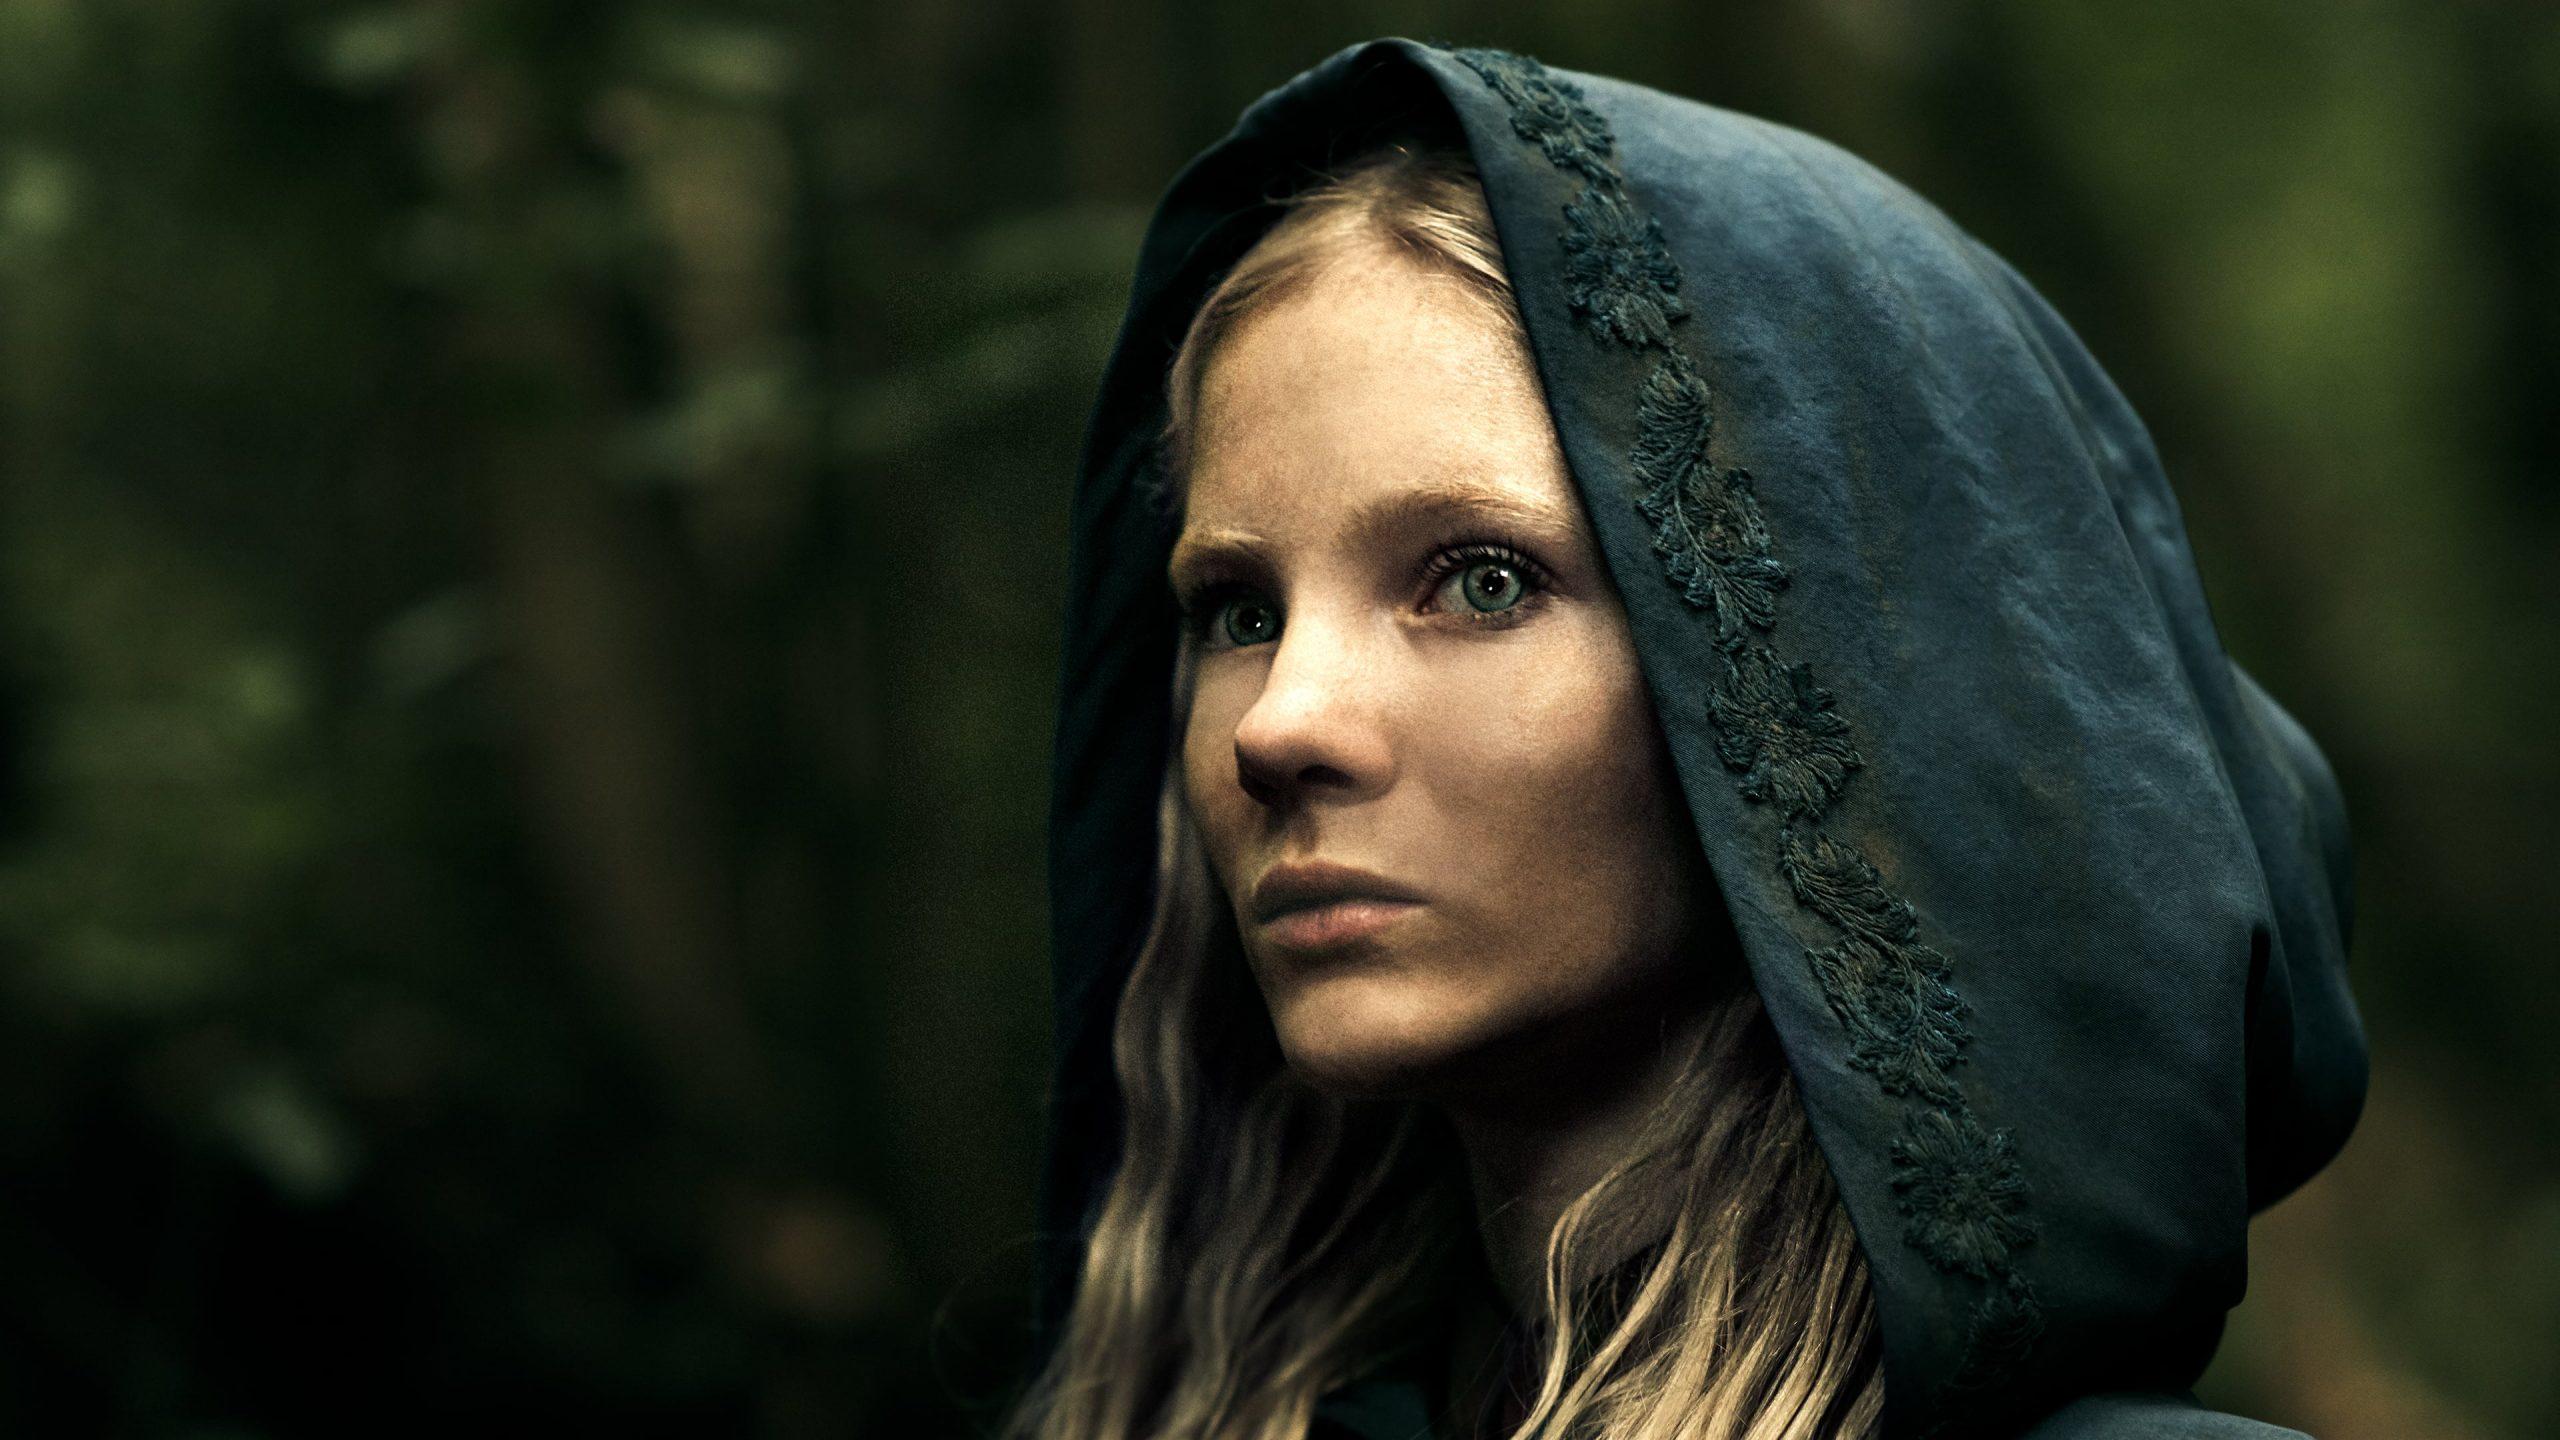 A The Witcher showrunnere szerint egészen más Cirit kapunk majd a második évadban